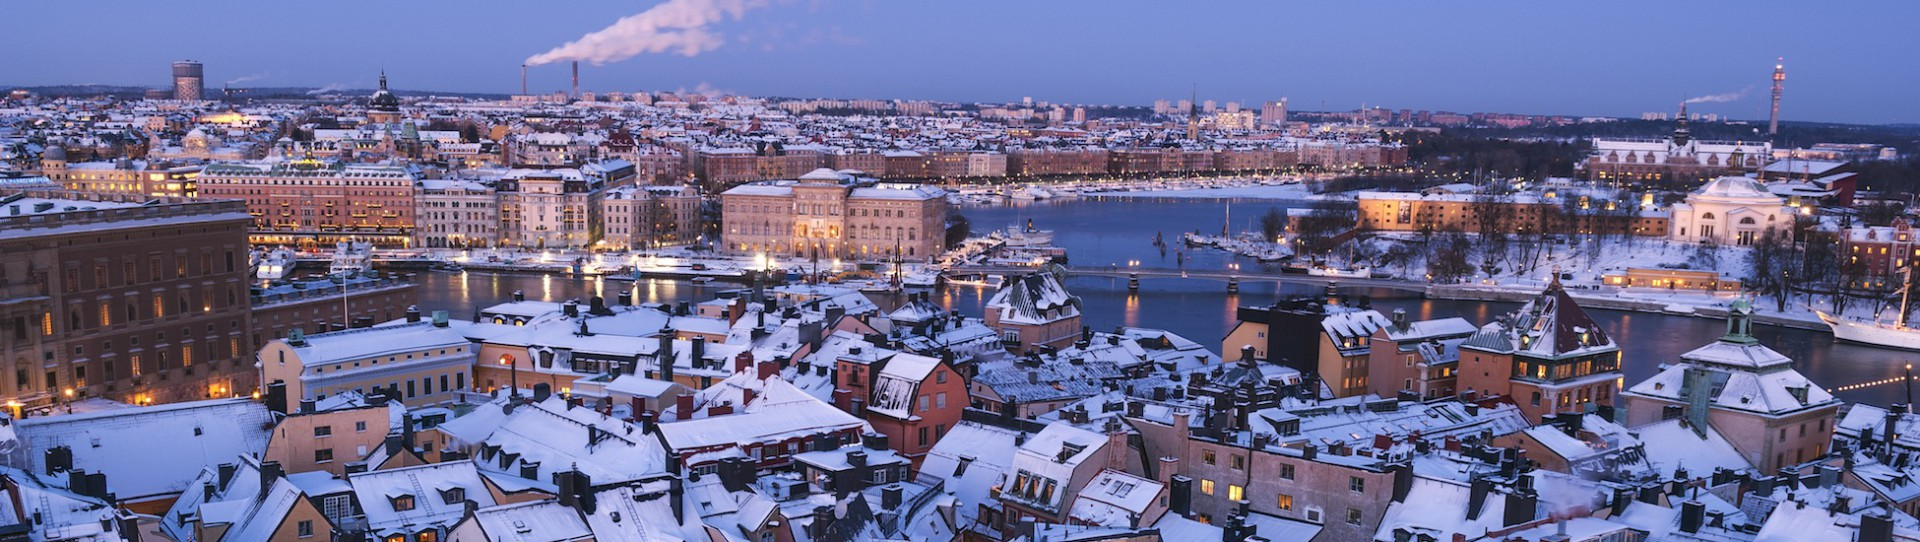 Stockholm Winter City Break Group Program Travel Gate